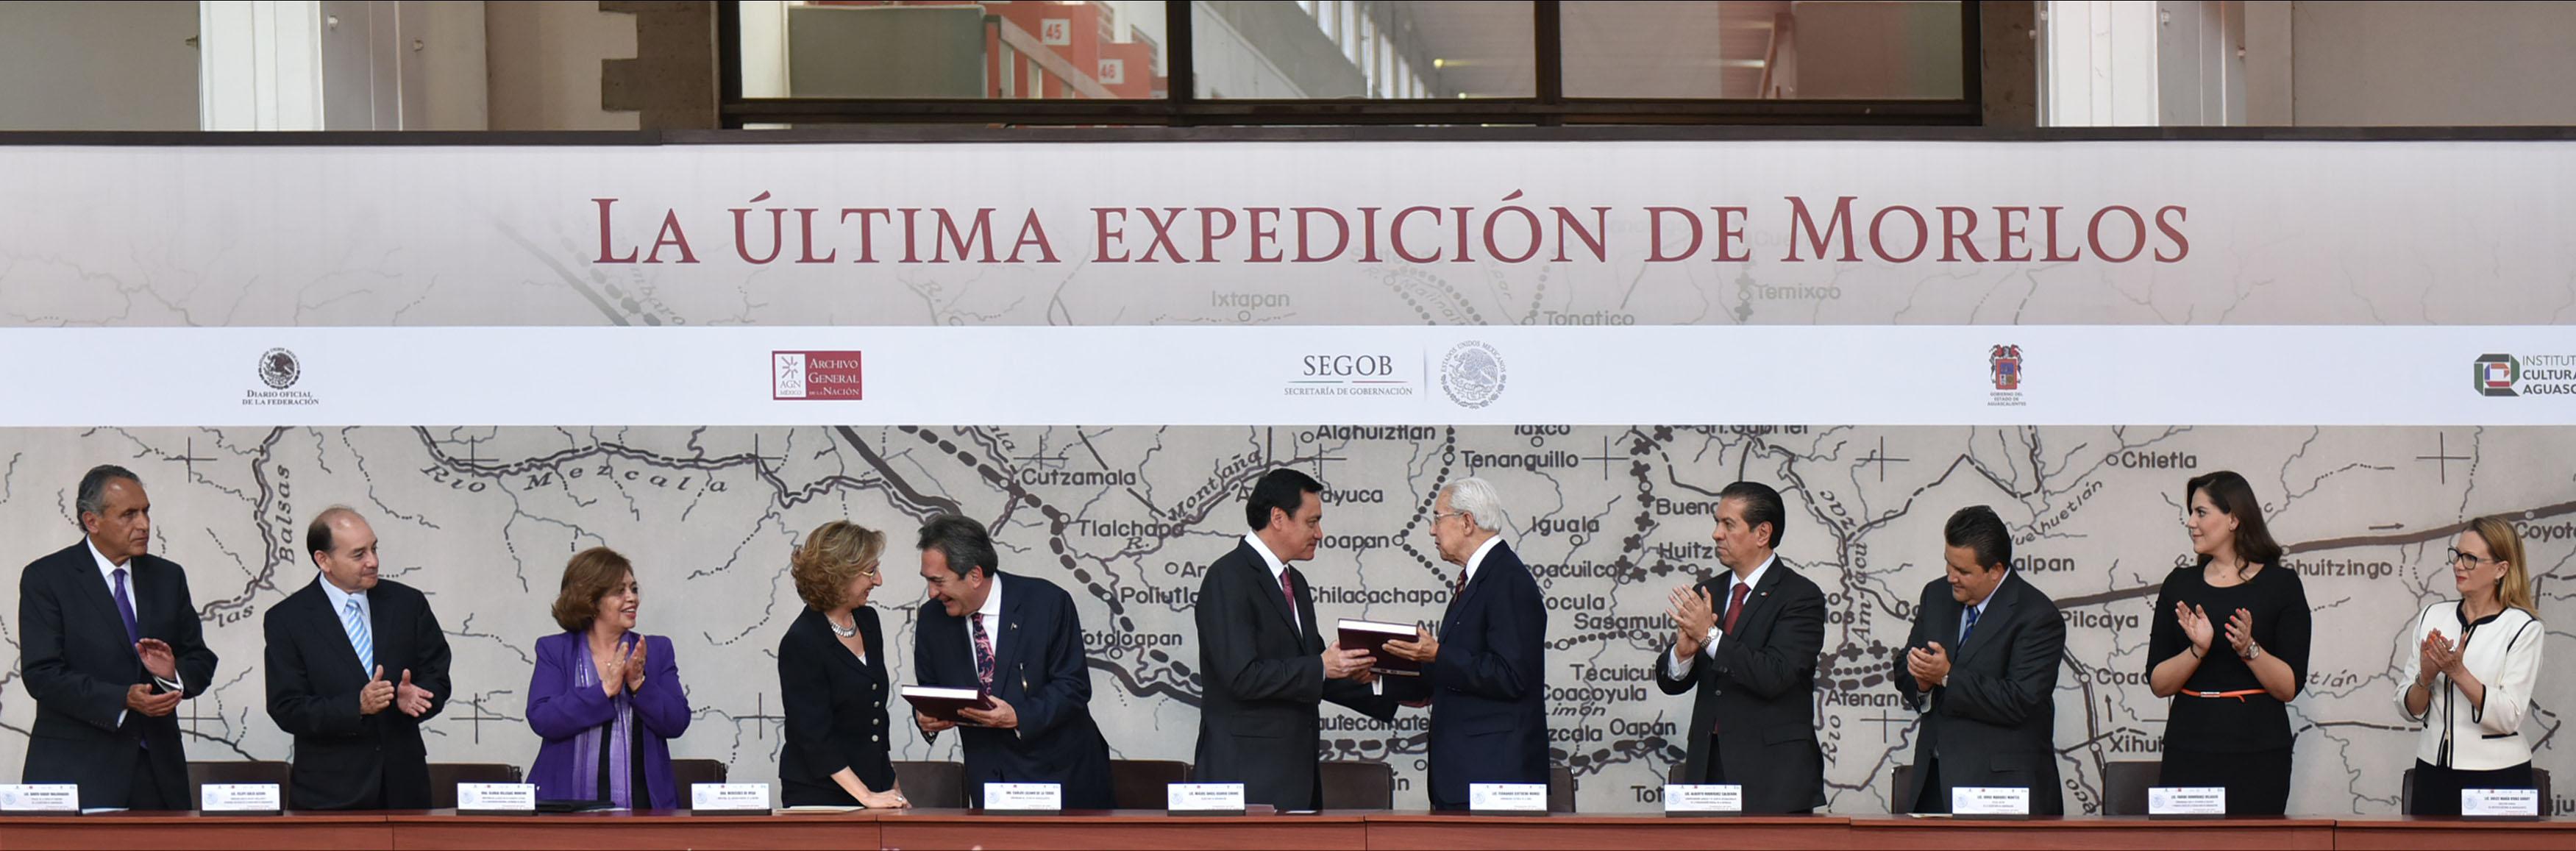 """Miguel Ángel Osorio Chong, Secretario de Gobernación, durante la presentación del libro """"La última Expedición de Morelos"""" en el Archivo General de la Nación."""